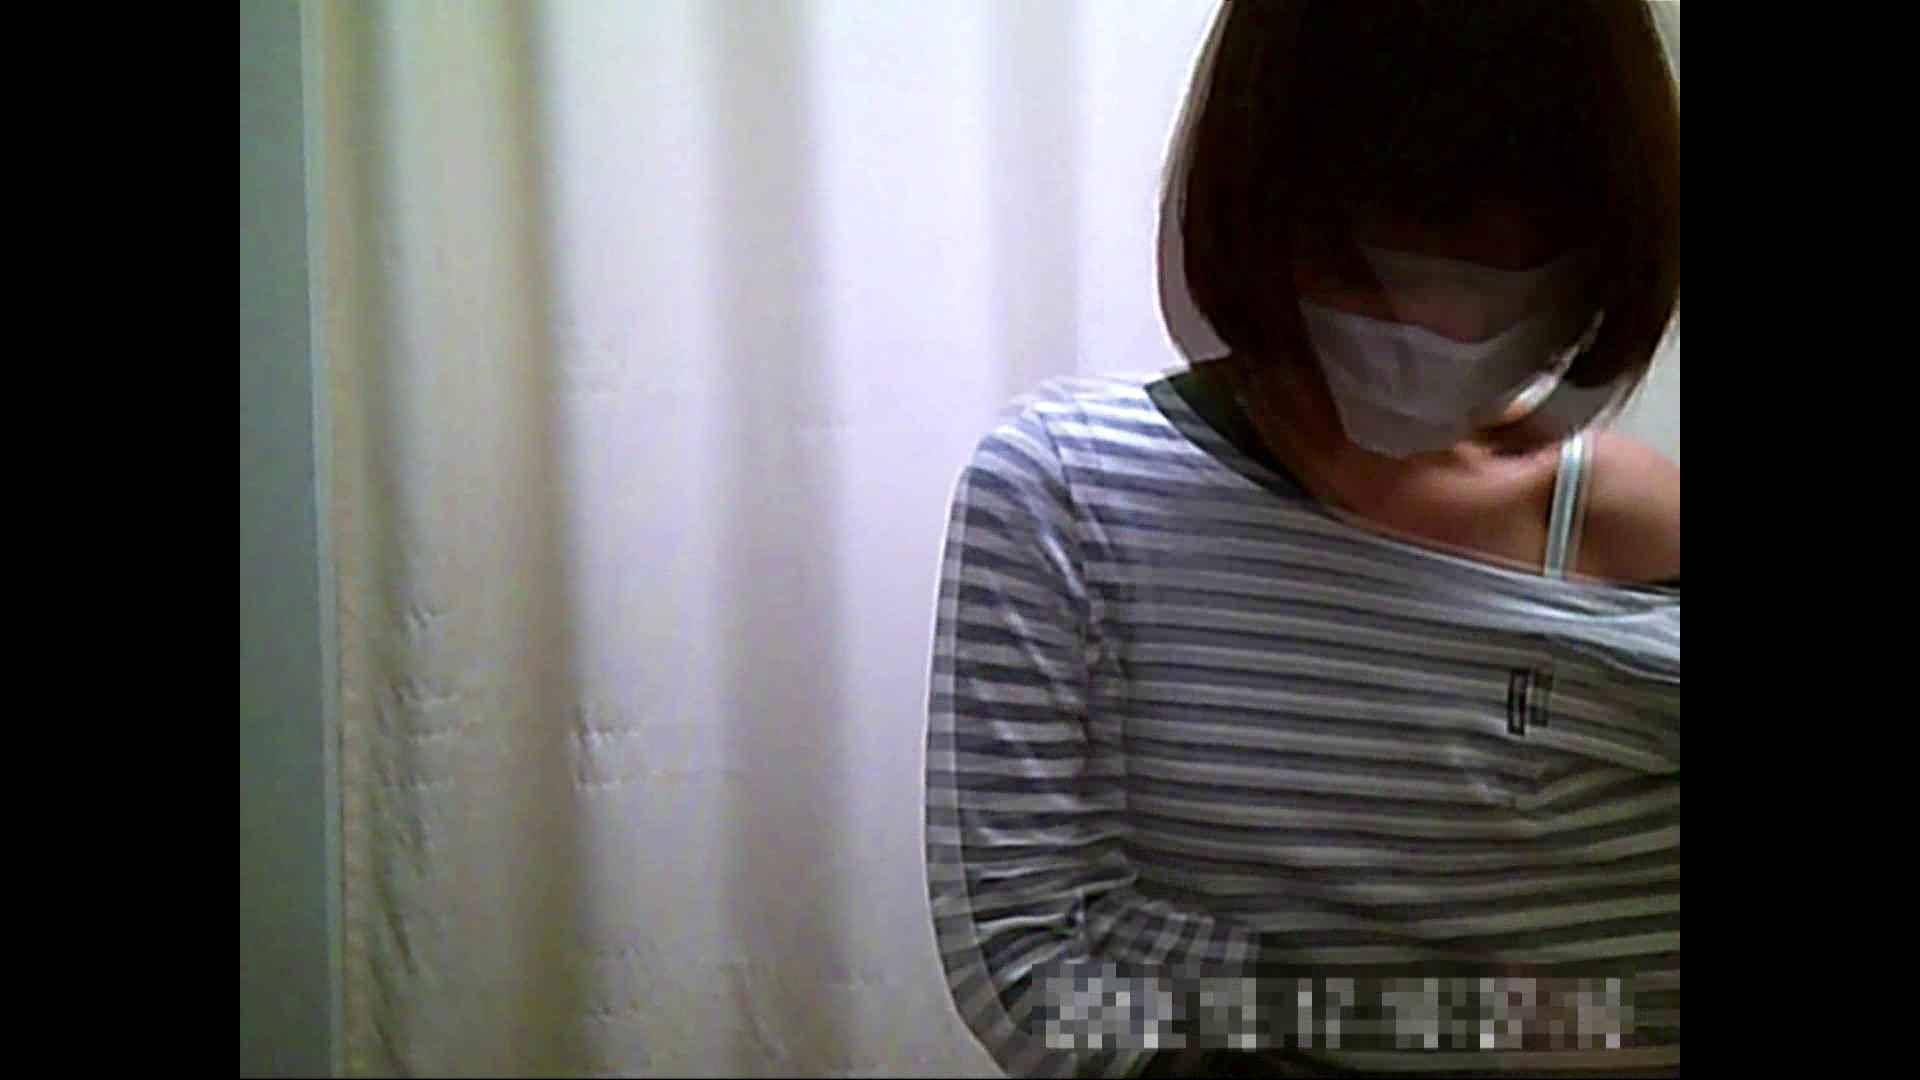 病院おもいっきり着替え! vol.179 着替え のぞきエロ無料画像 101画像 100